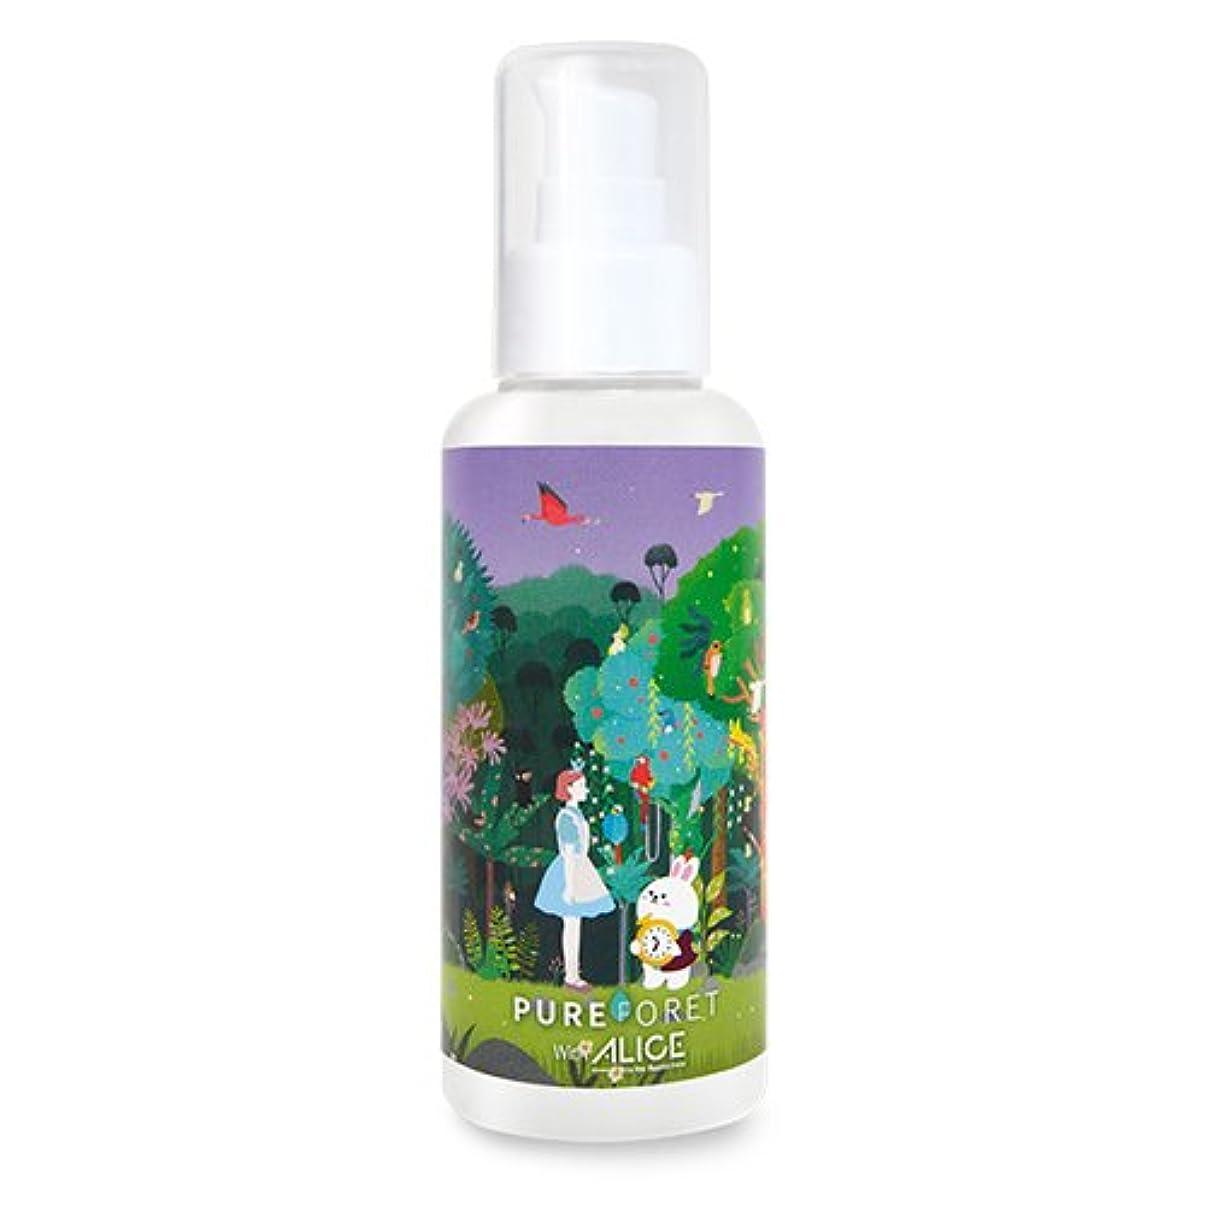 独立したマート防水韓国産 Pureforet x Alice スキンリペアラビット ハイドレーティング 乳液. (150ml)